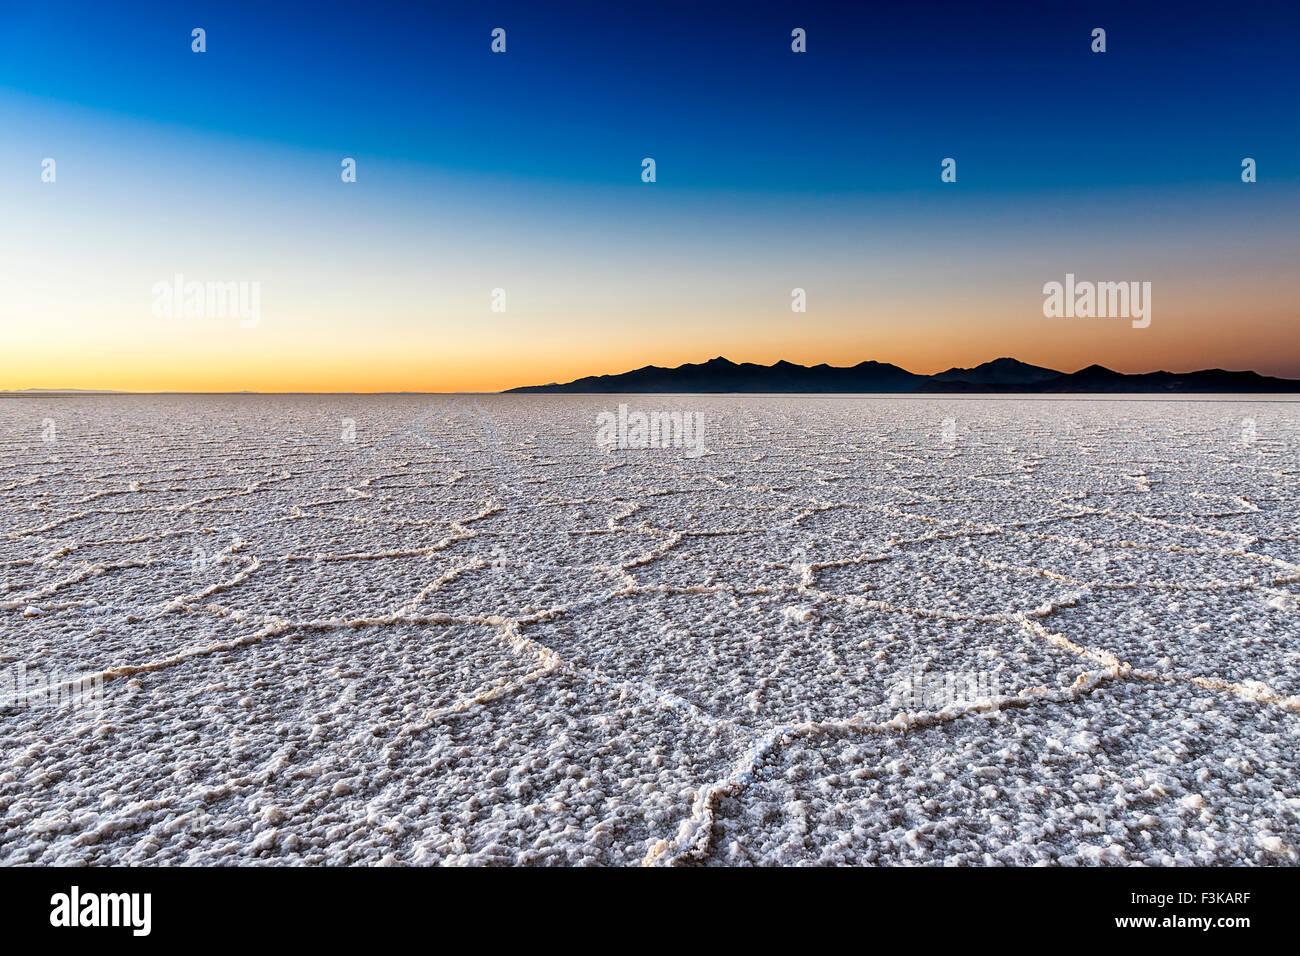 Amanecer en el Salar de Uyuni, Bolivia Imagen De Stock